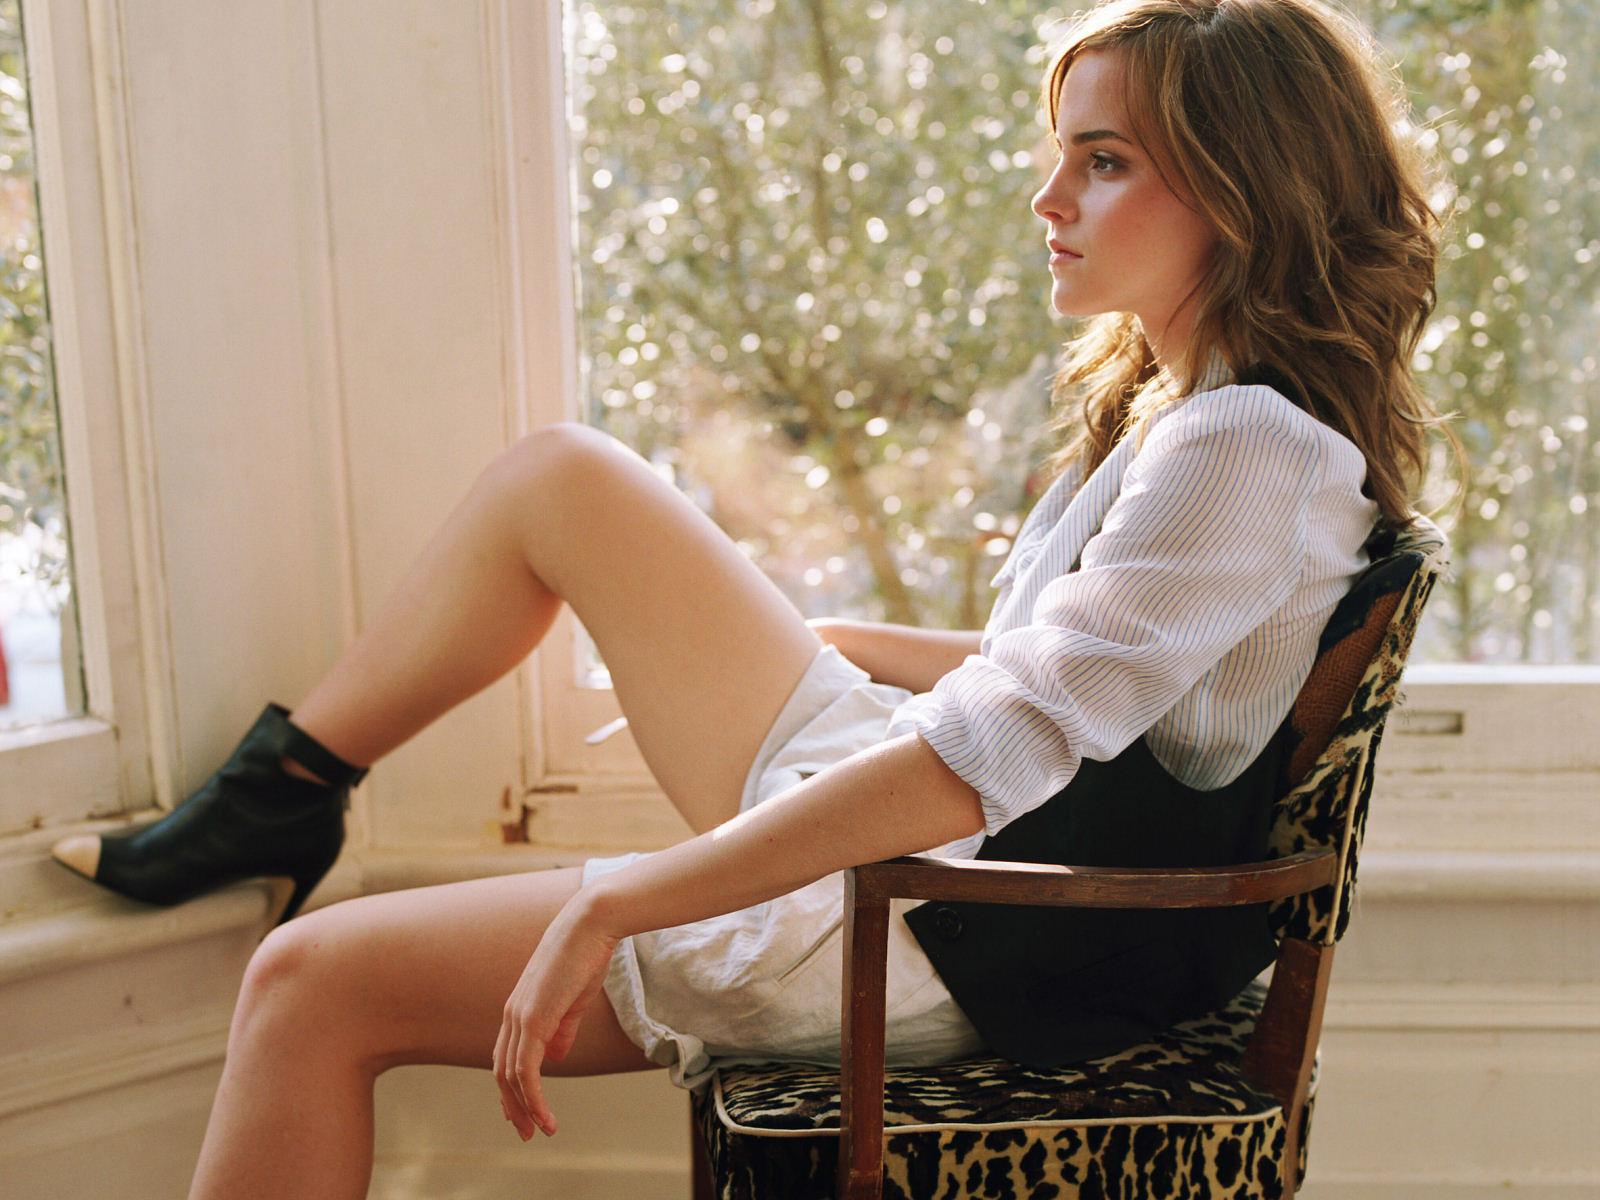 http://4.bp.blogspot.com/-kamkXs19hDg/UGjuAOhwqfI/AAAAAAAAAX8/jZXHZ6xEzFk/s1600/Emma+Watson+Leg+Up.jpg